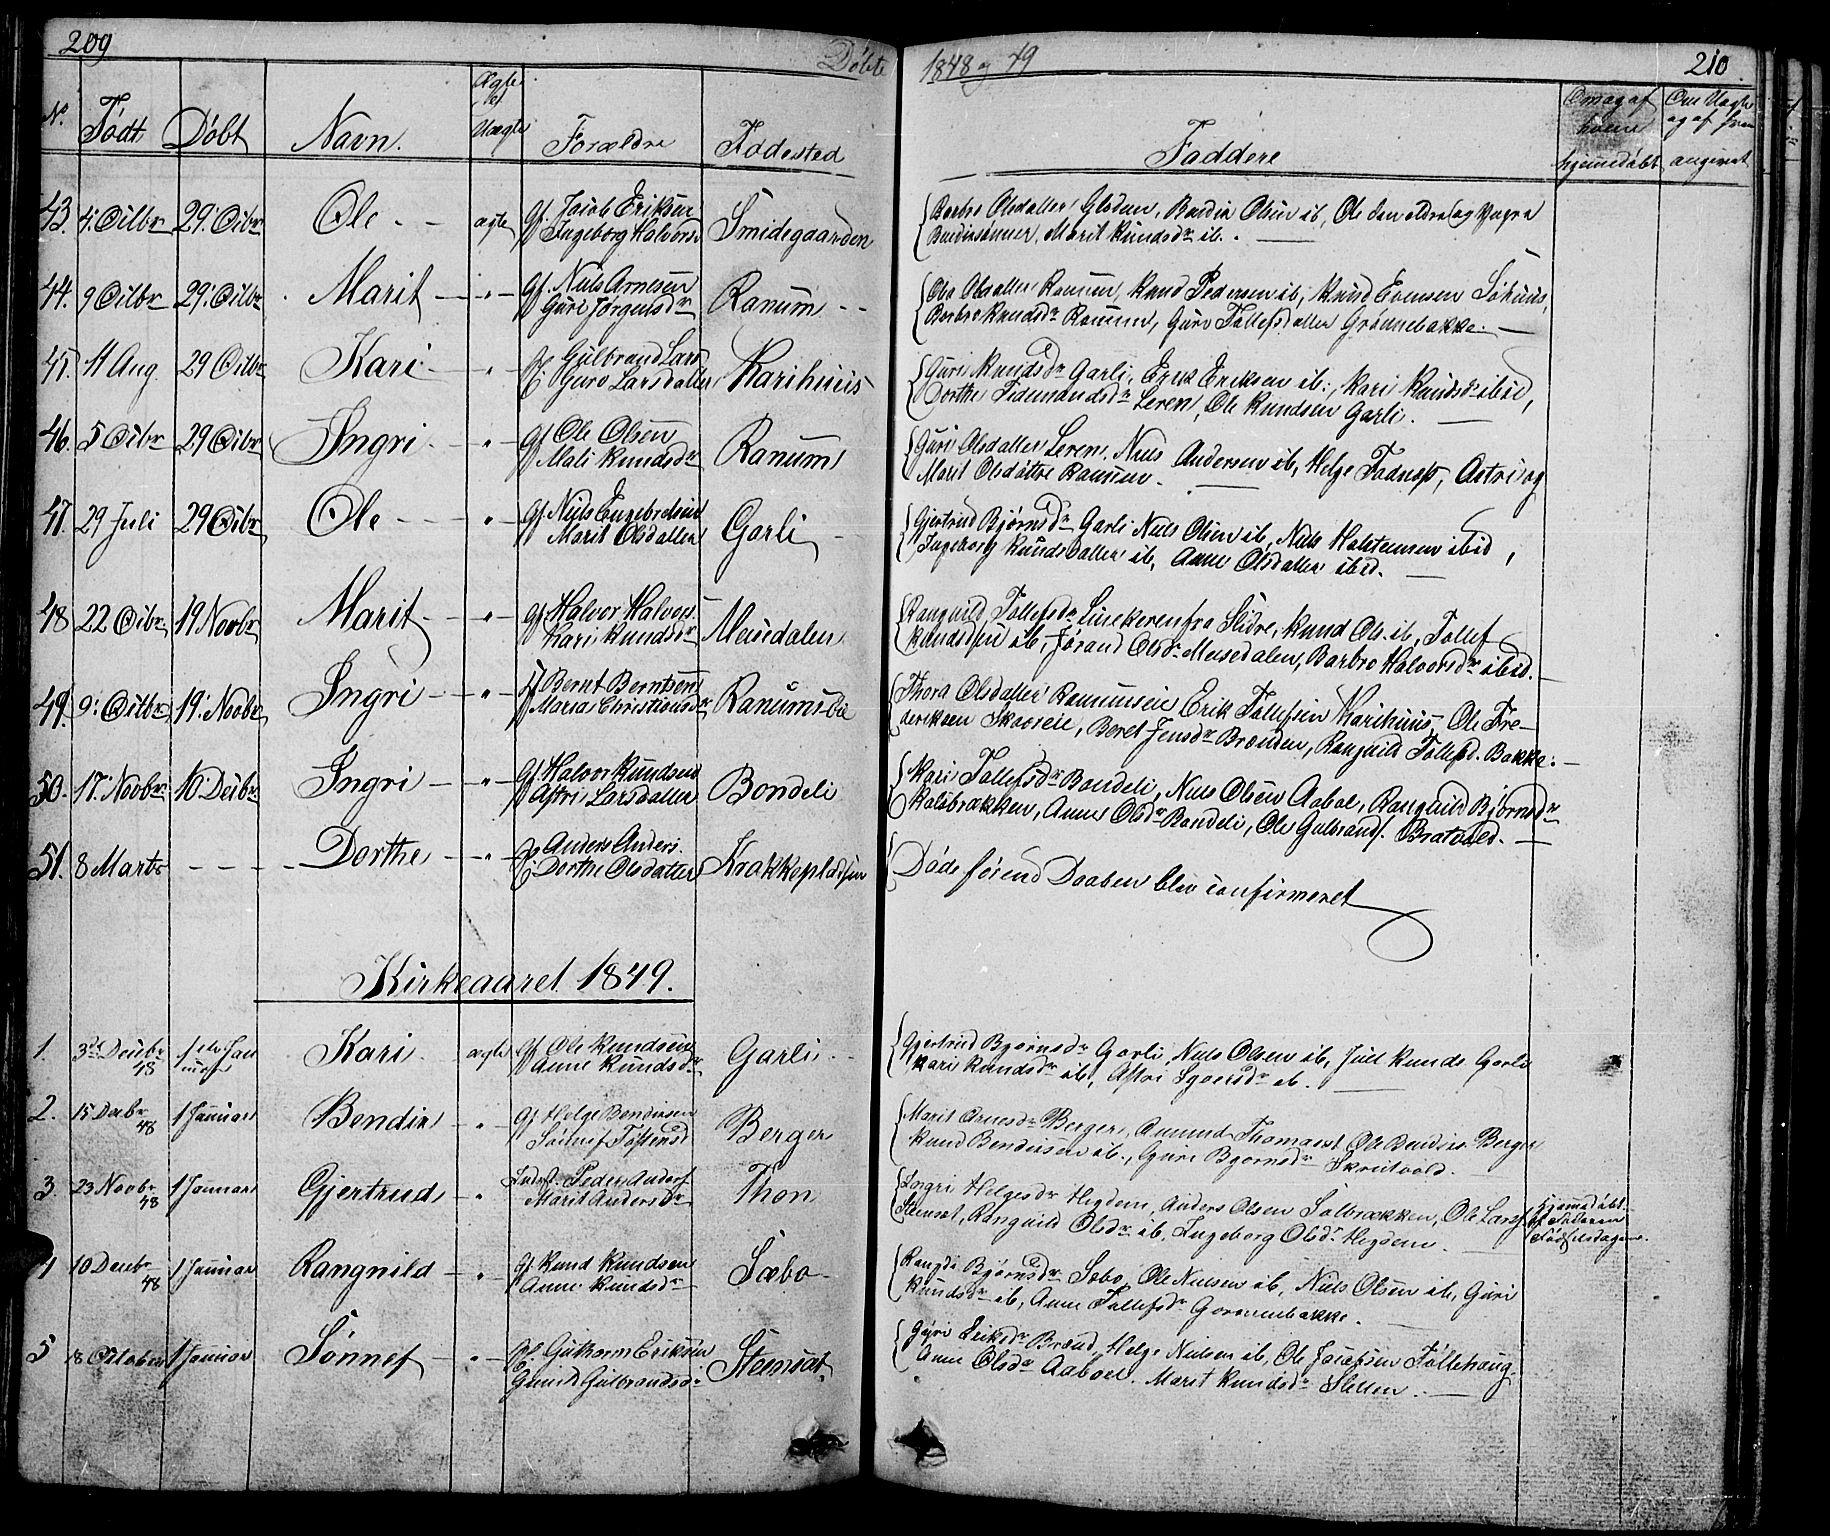 SAH, Nord-Aurdal prestekontor, Klokkerbok nr. 1, 1834-1887, s. 209-210